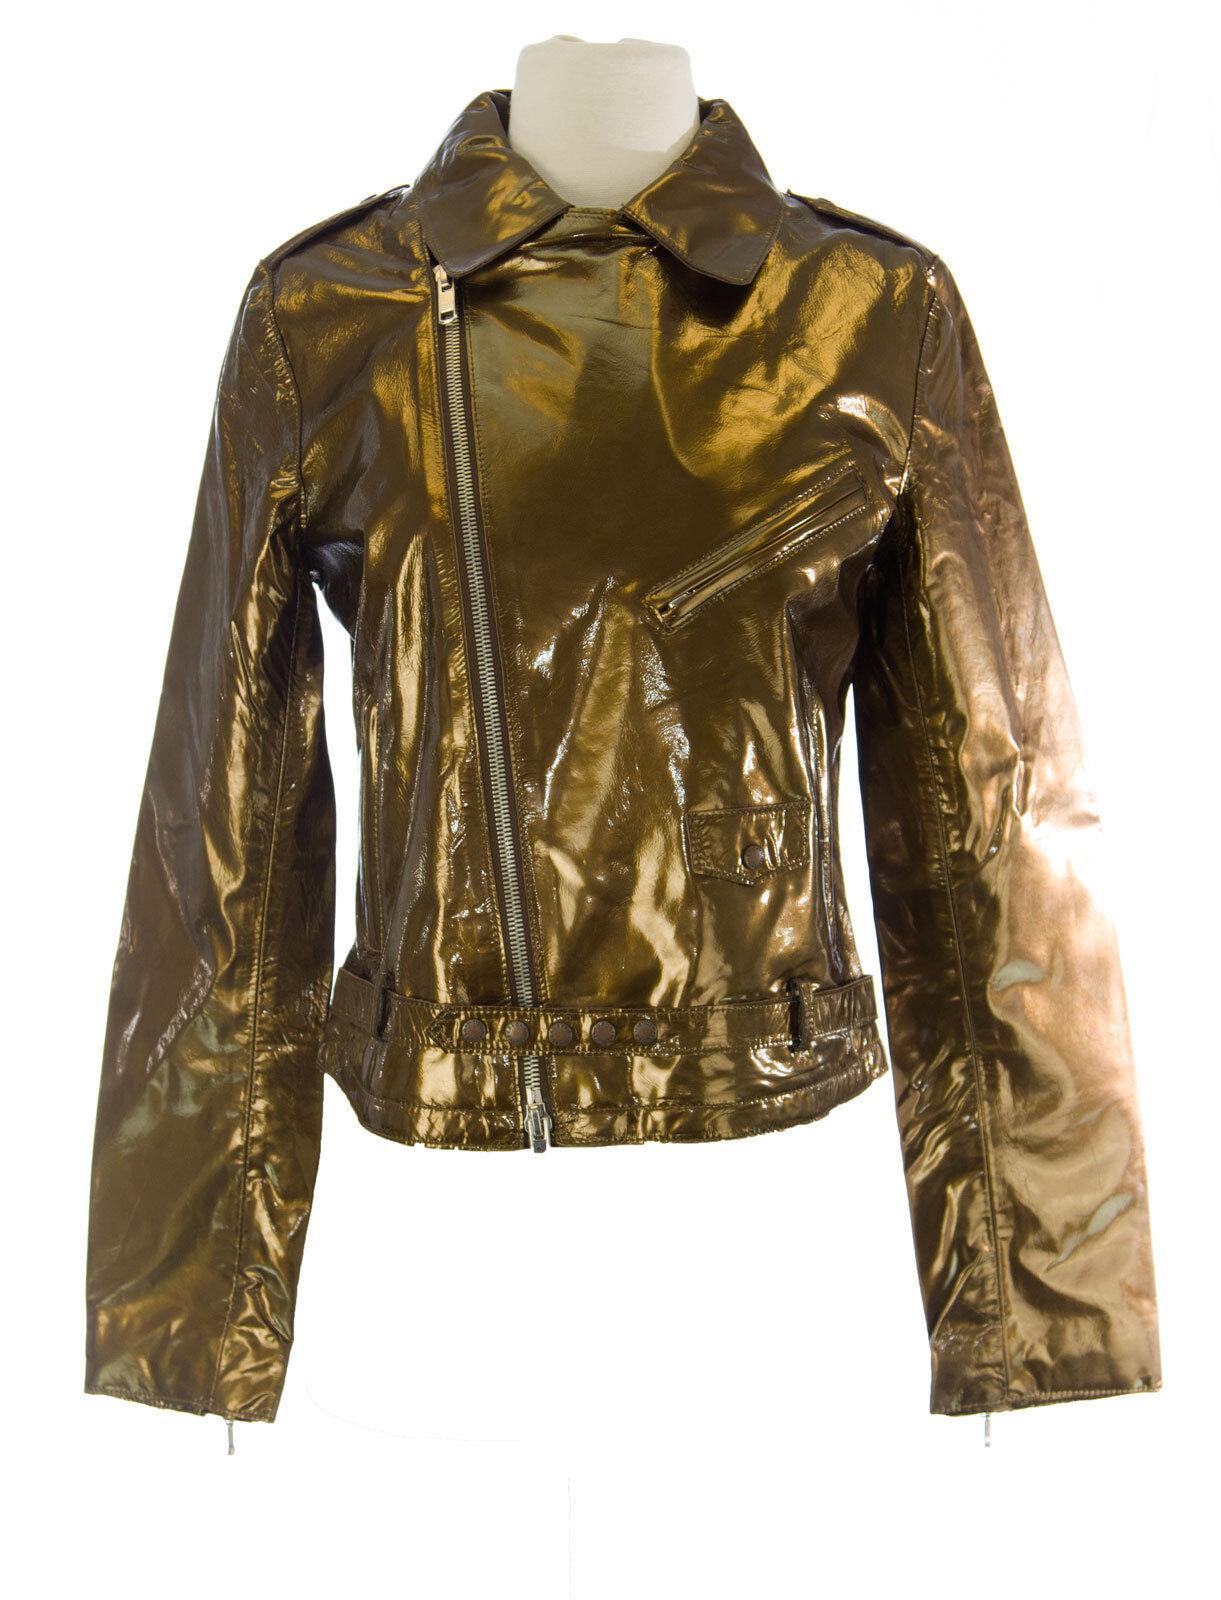 Custo Barcelona Damen Perfecto Gold Diagnal Reißverschluss Jacke R793004 Nwt